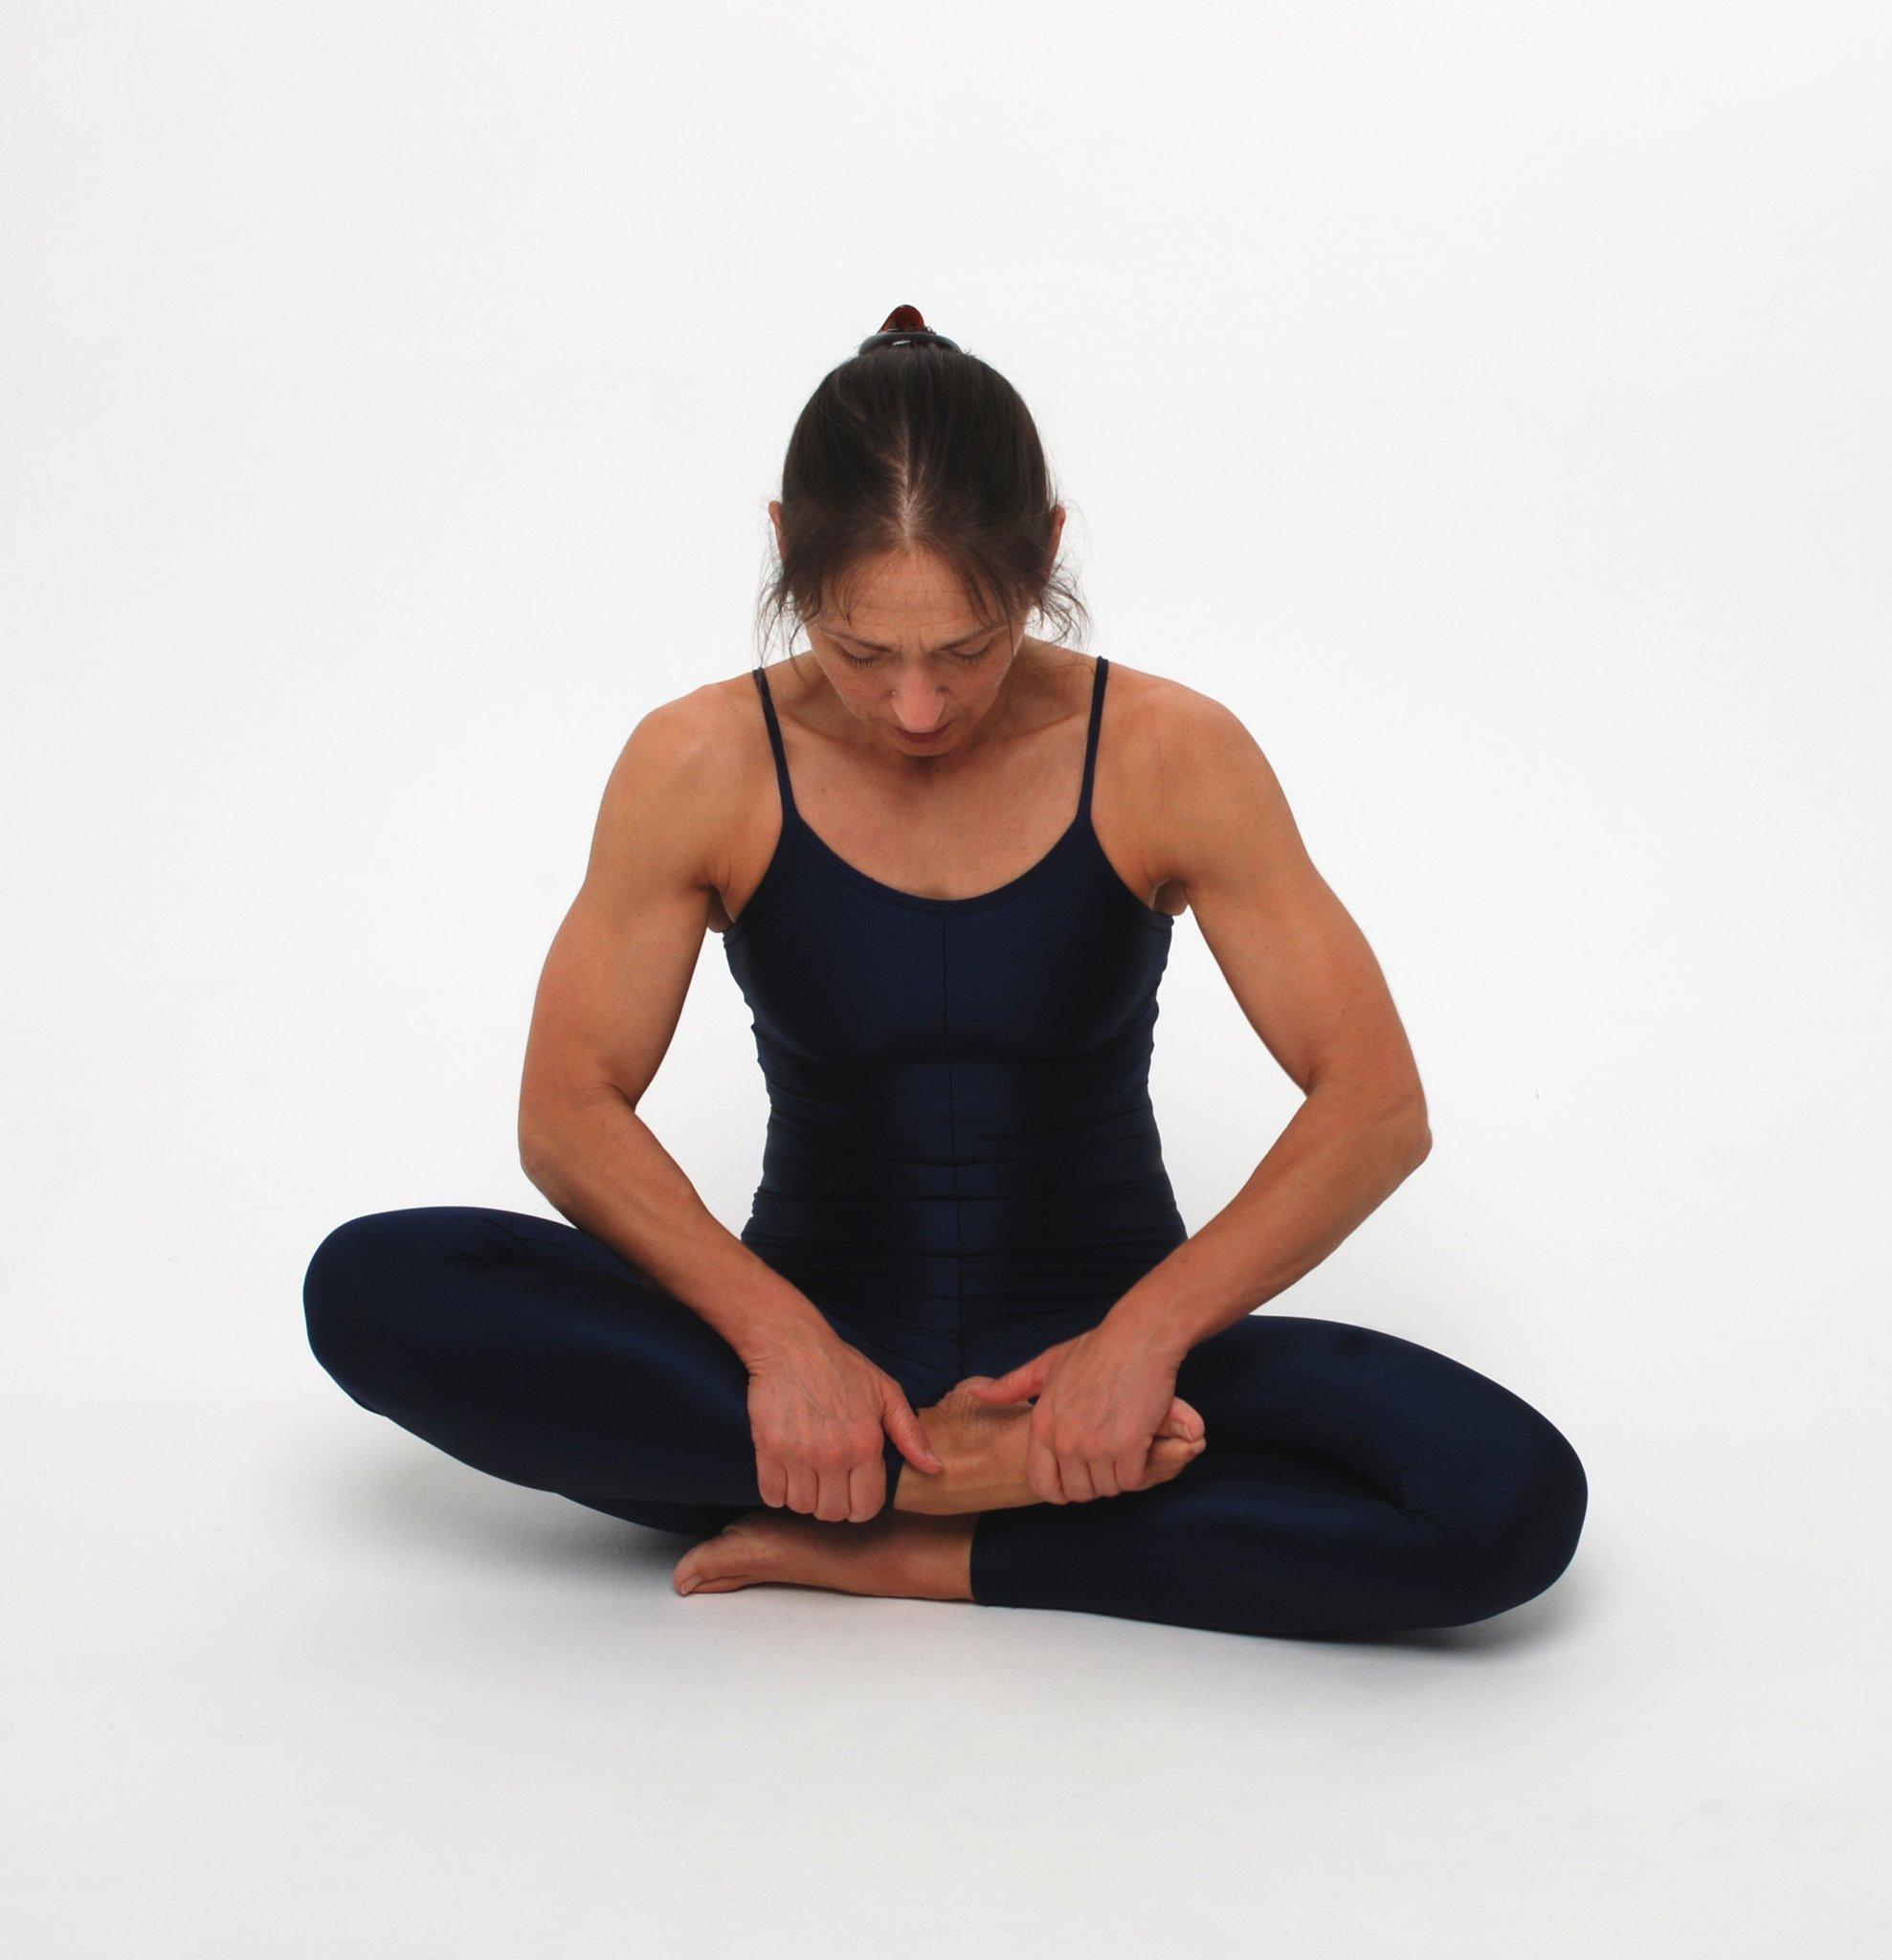 Aktueller Stand der Forschung: Datteln: Wie gesund ist Yoga wirklich? - Datteln - Lokalkompass.de